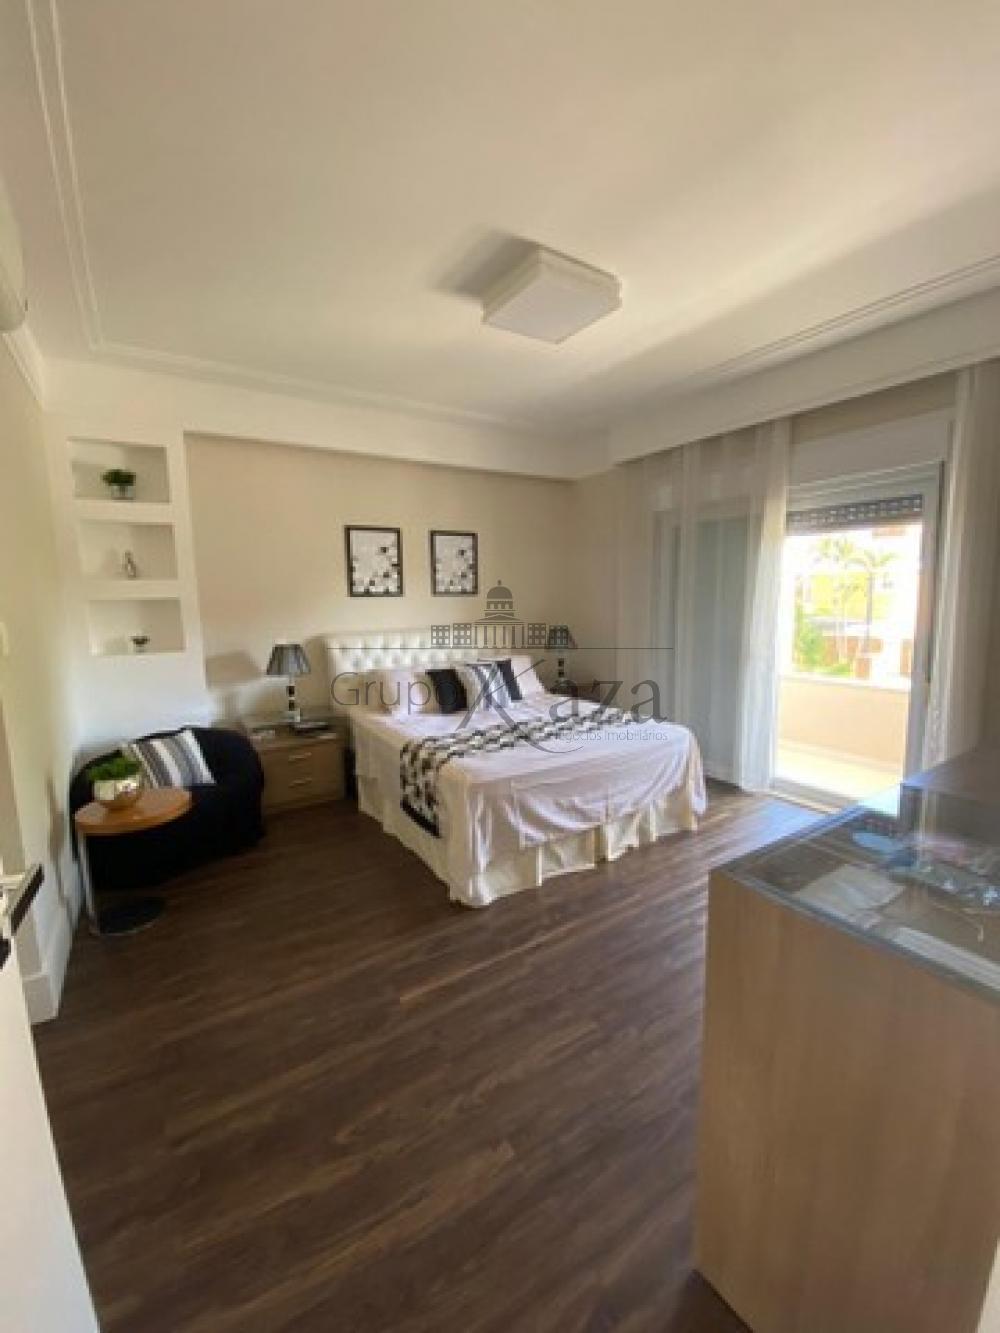 alt='Alugar Casa / Condomínio em São José dos Campos R$ 14.200,00 - Foto 10' title='Alugar Casa / Condomínio em São José dos Campos R$ 14.200,00 - Foto 10'